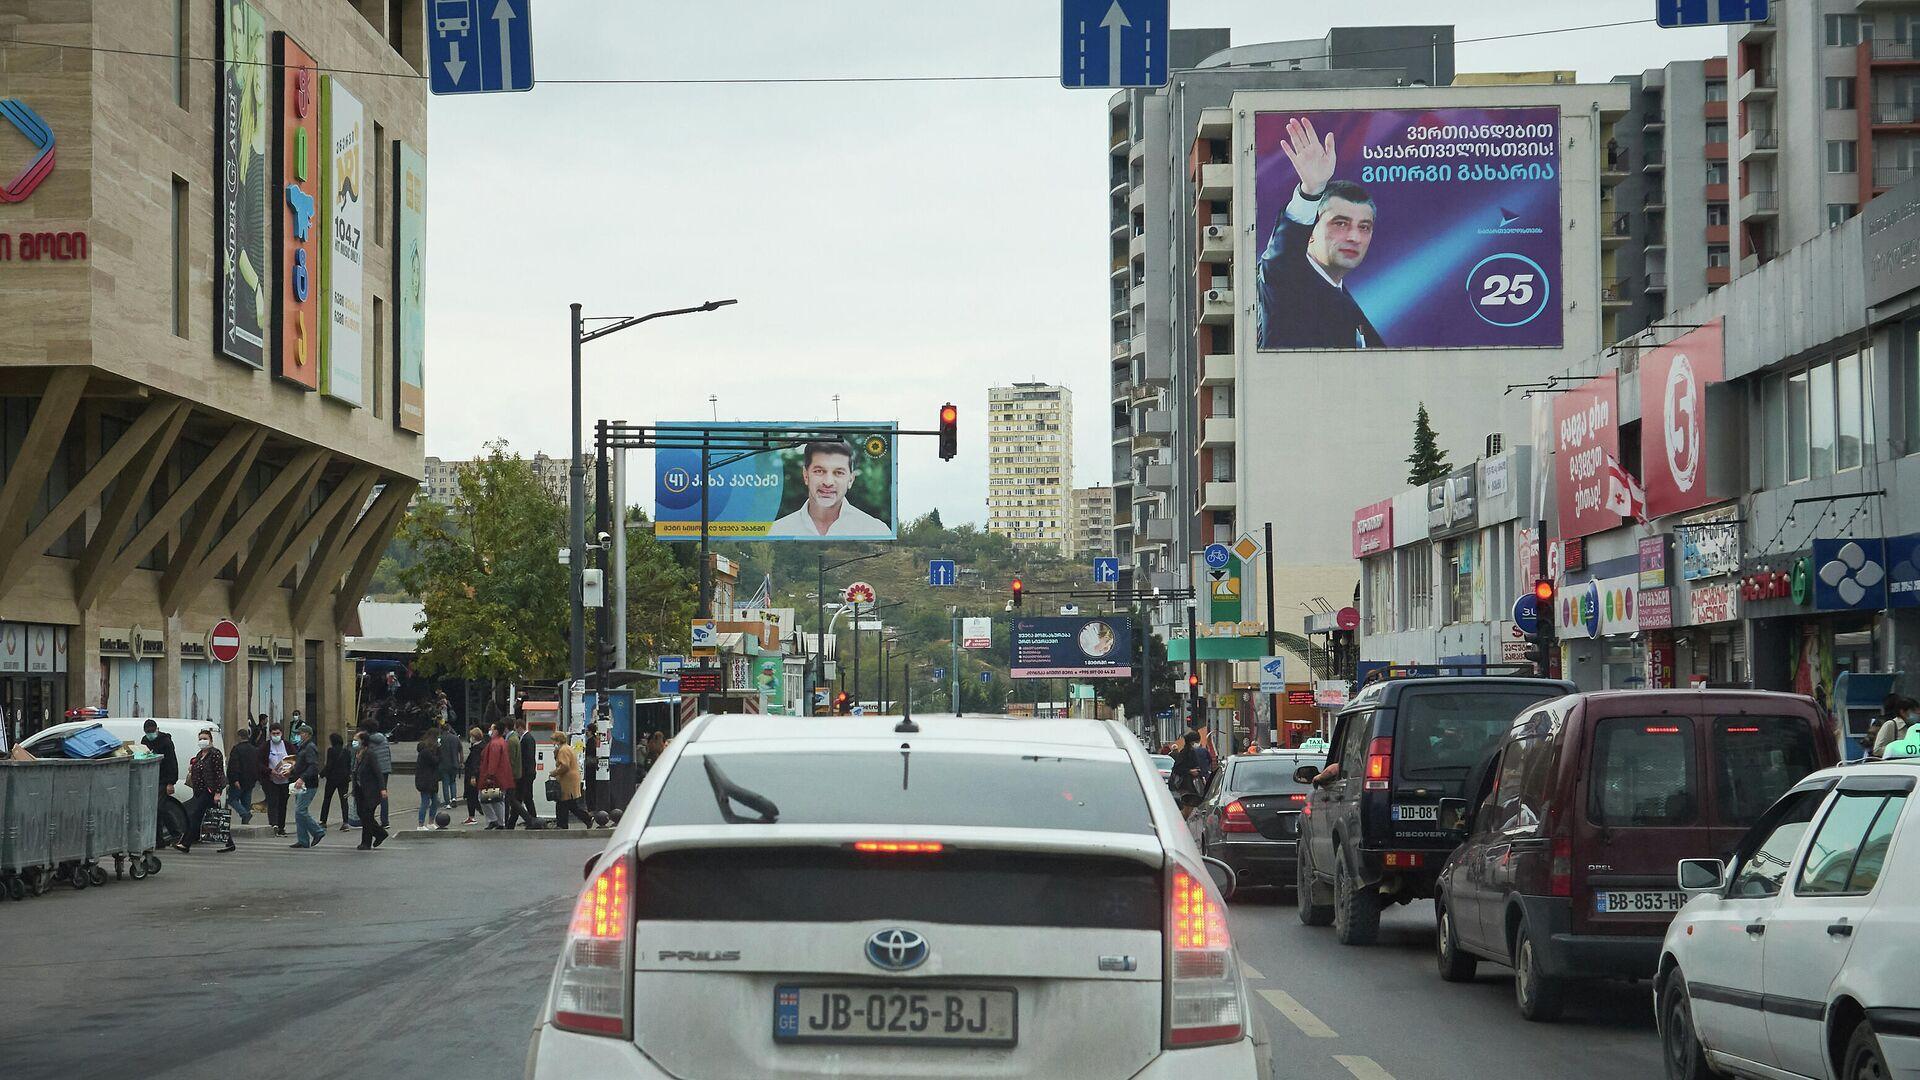 Предвыборная реклама в районе Глдани - Георгий Гахария, За Грузию, и Каха Каладзе, Грузинская мечта - Sputnik Грузия, 1920, 27.09.2021